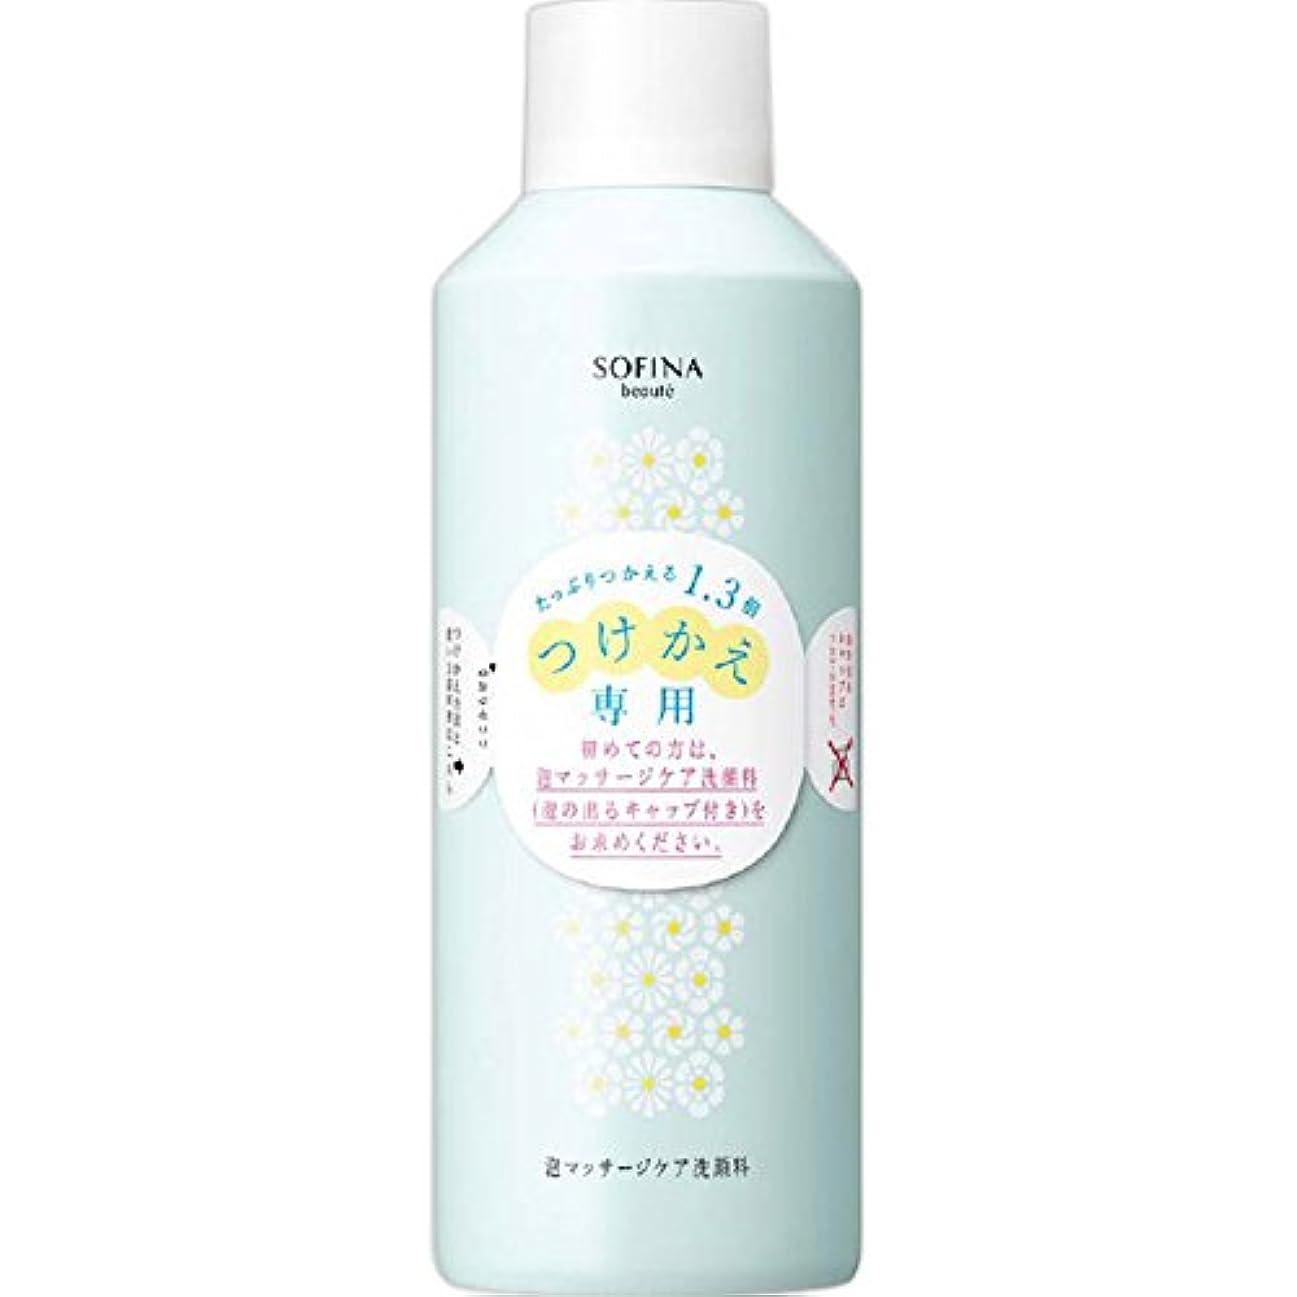 苦補充保持花王ソフィーナ ボーテ 泡マッサージケア洗顔料 つけかえ専用230g